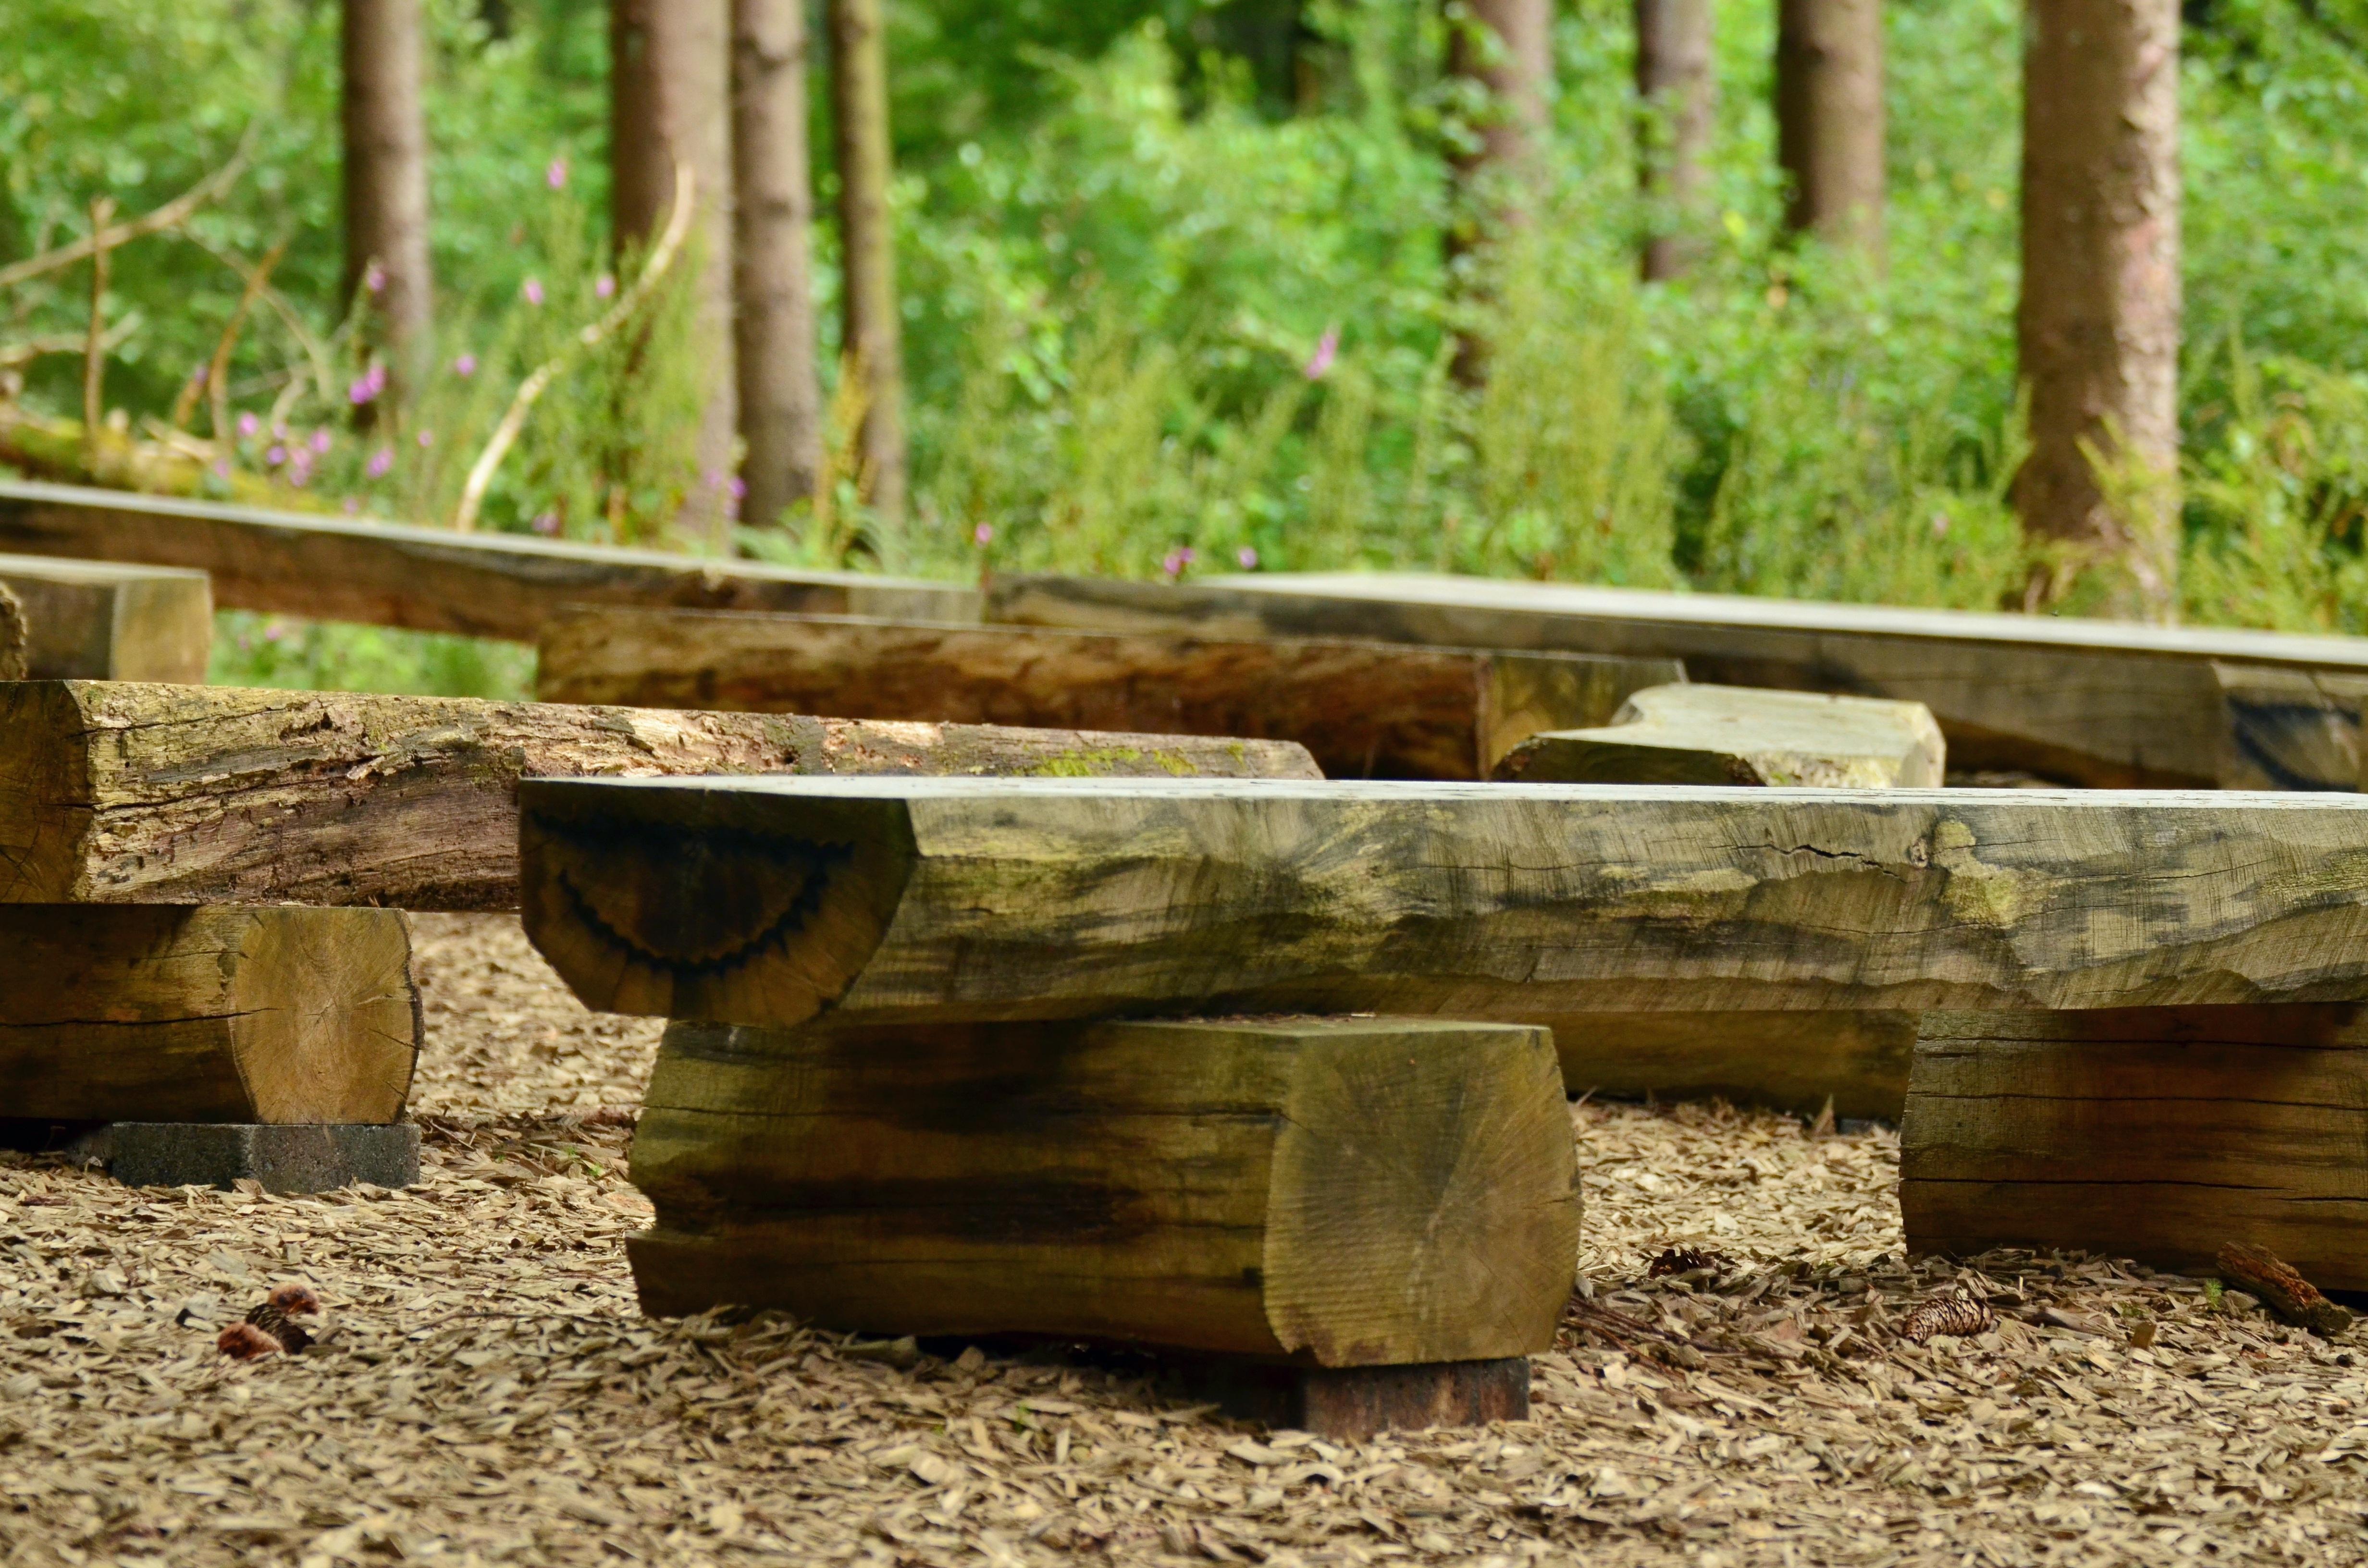 Fotos gratis : árbol, naturaleza, bosque, banco, hoja, asiento ...